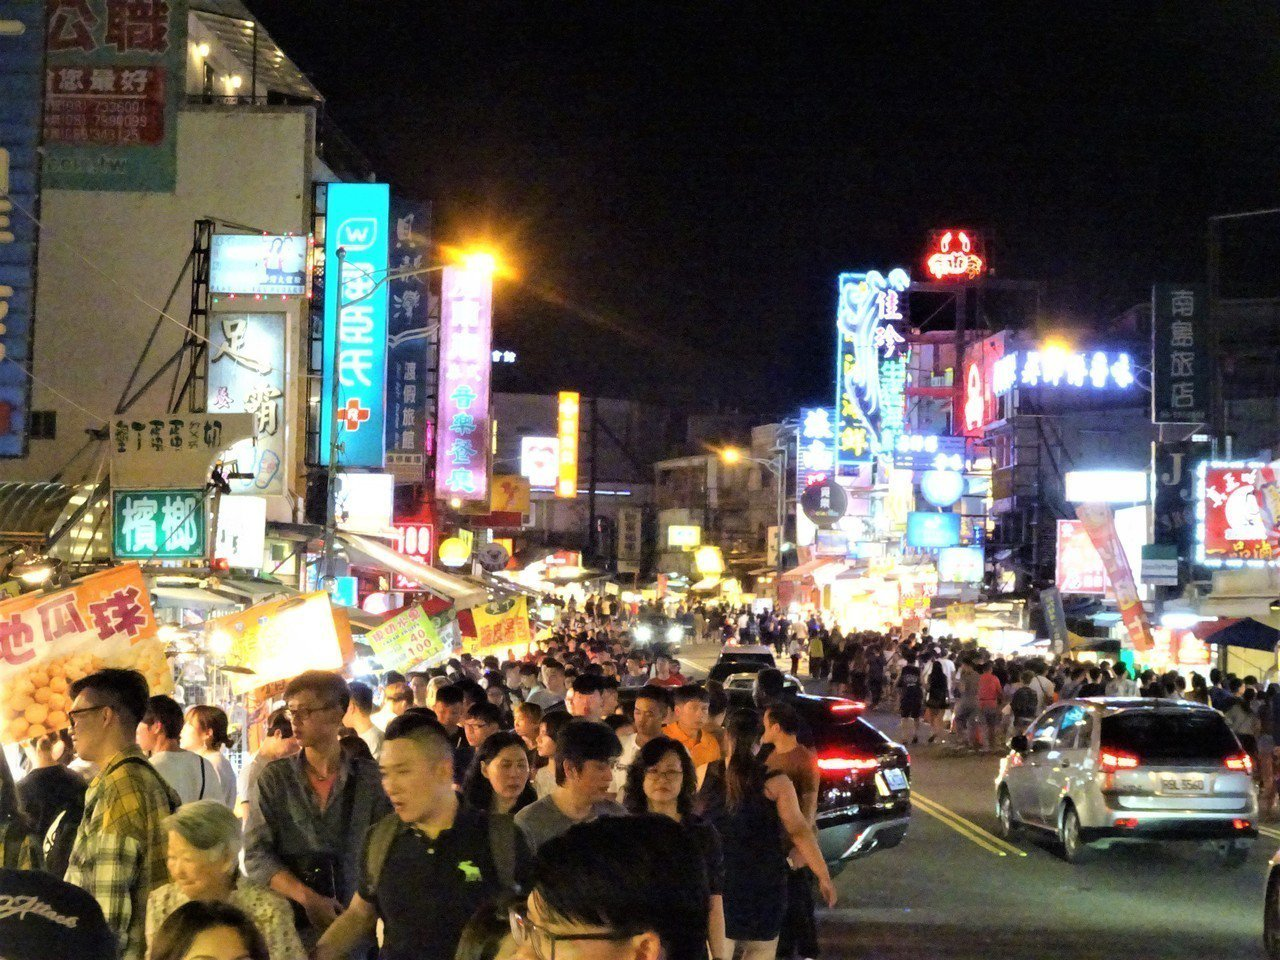 屏東墾丁大街夜市是匯集遊客的人氣街,卻衍生攤販占用省道、「假房東」違法收租和假日...